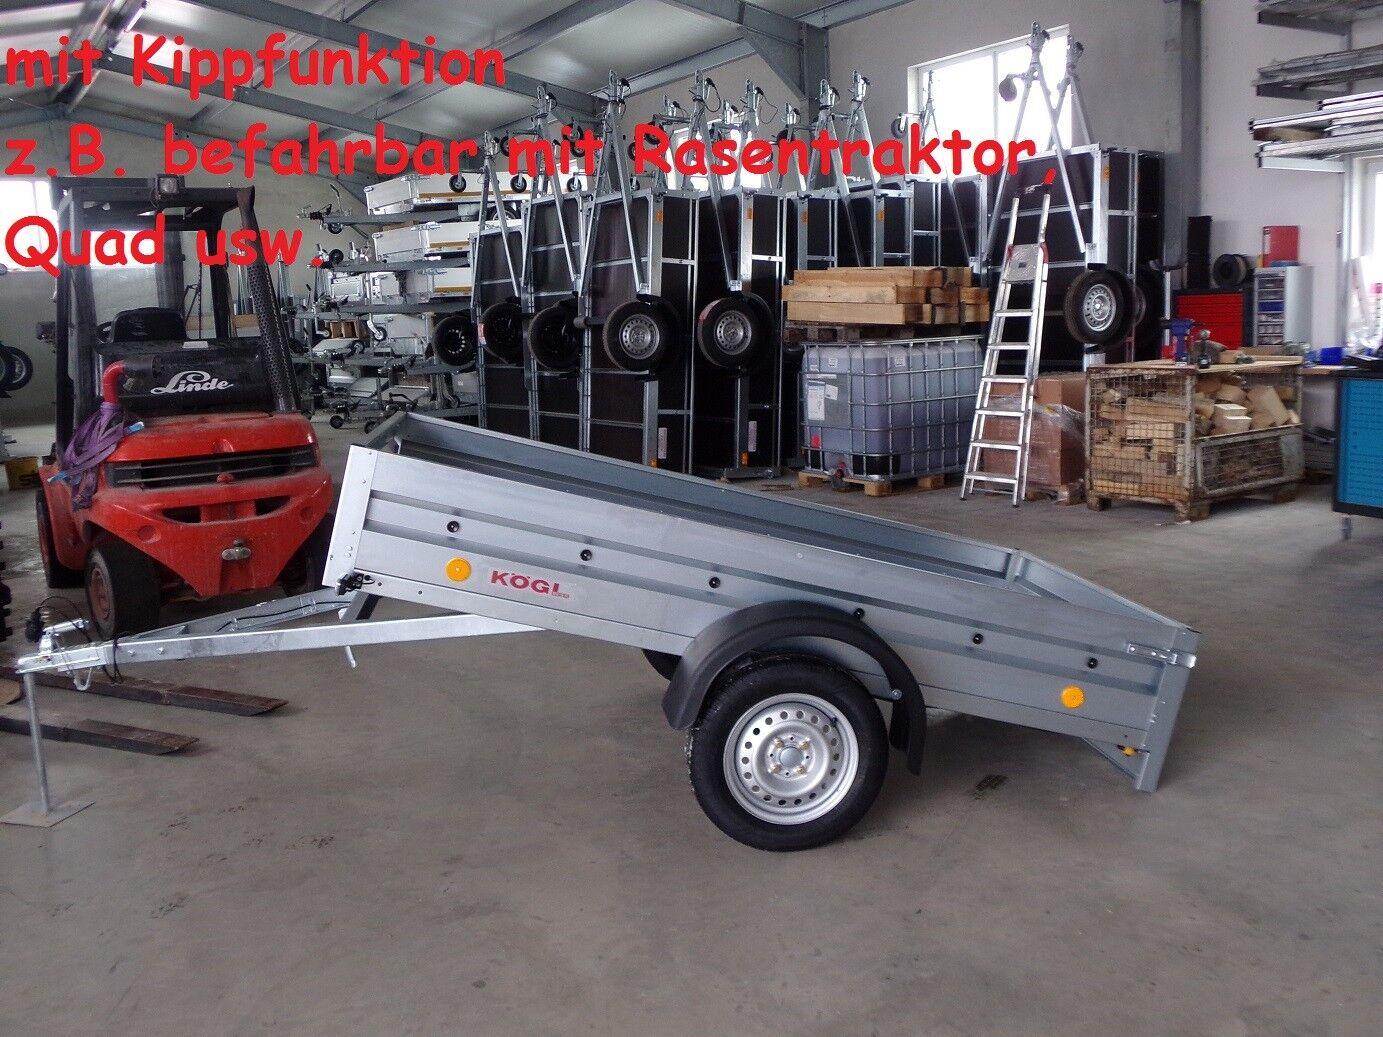 Pkw Anhänger Auto Anhänger 750 kg - 2,35 x 1,29 m - KIPPFUNKTION - Neu